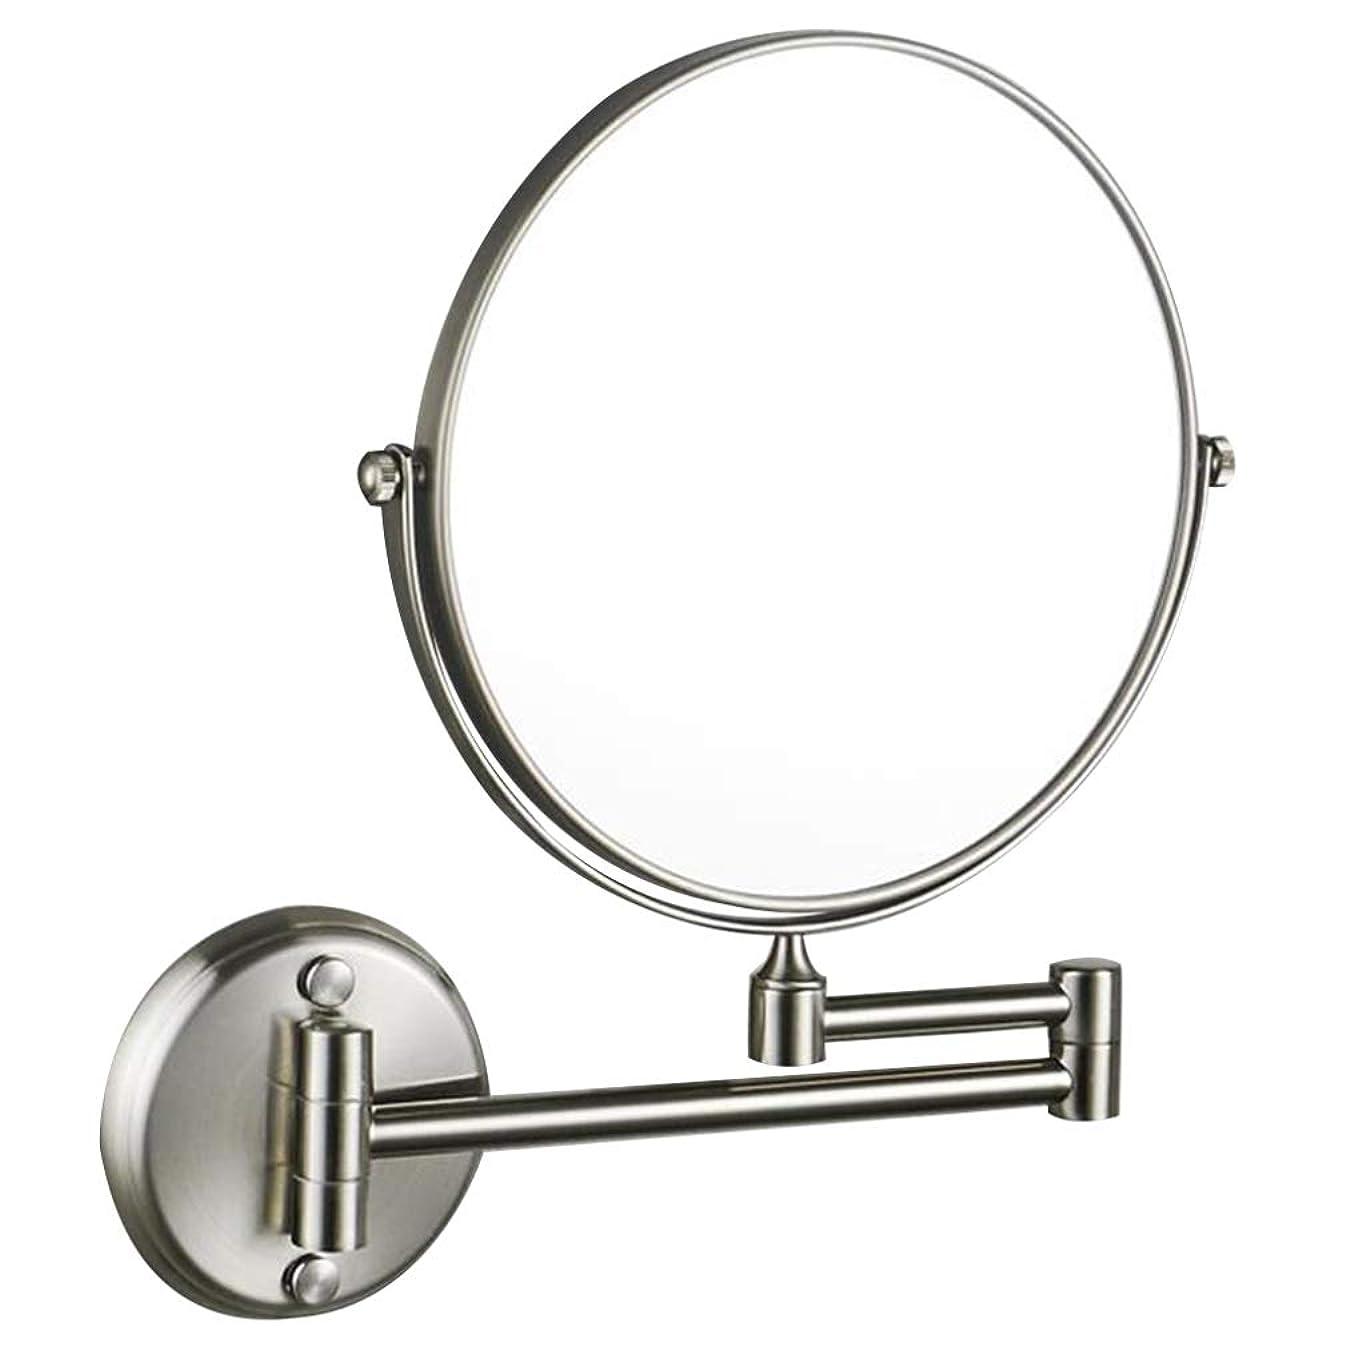 仕事に行く休憩する赤面HUYYA シェービングミラー バスルームメイクアップミラー 壁付、バニティミラー 3 倍拡大鏡 化粧鏡 360度回転 丸め 寝室や浴室に適しています,Copper wire drawing_8inch